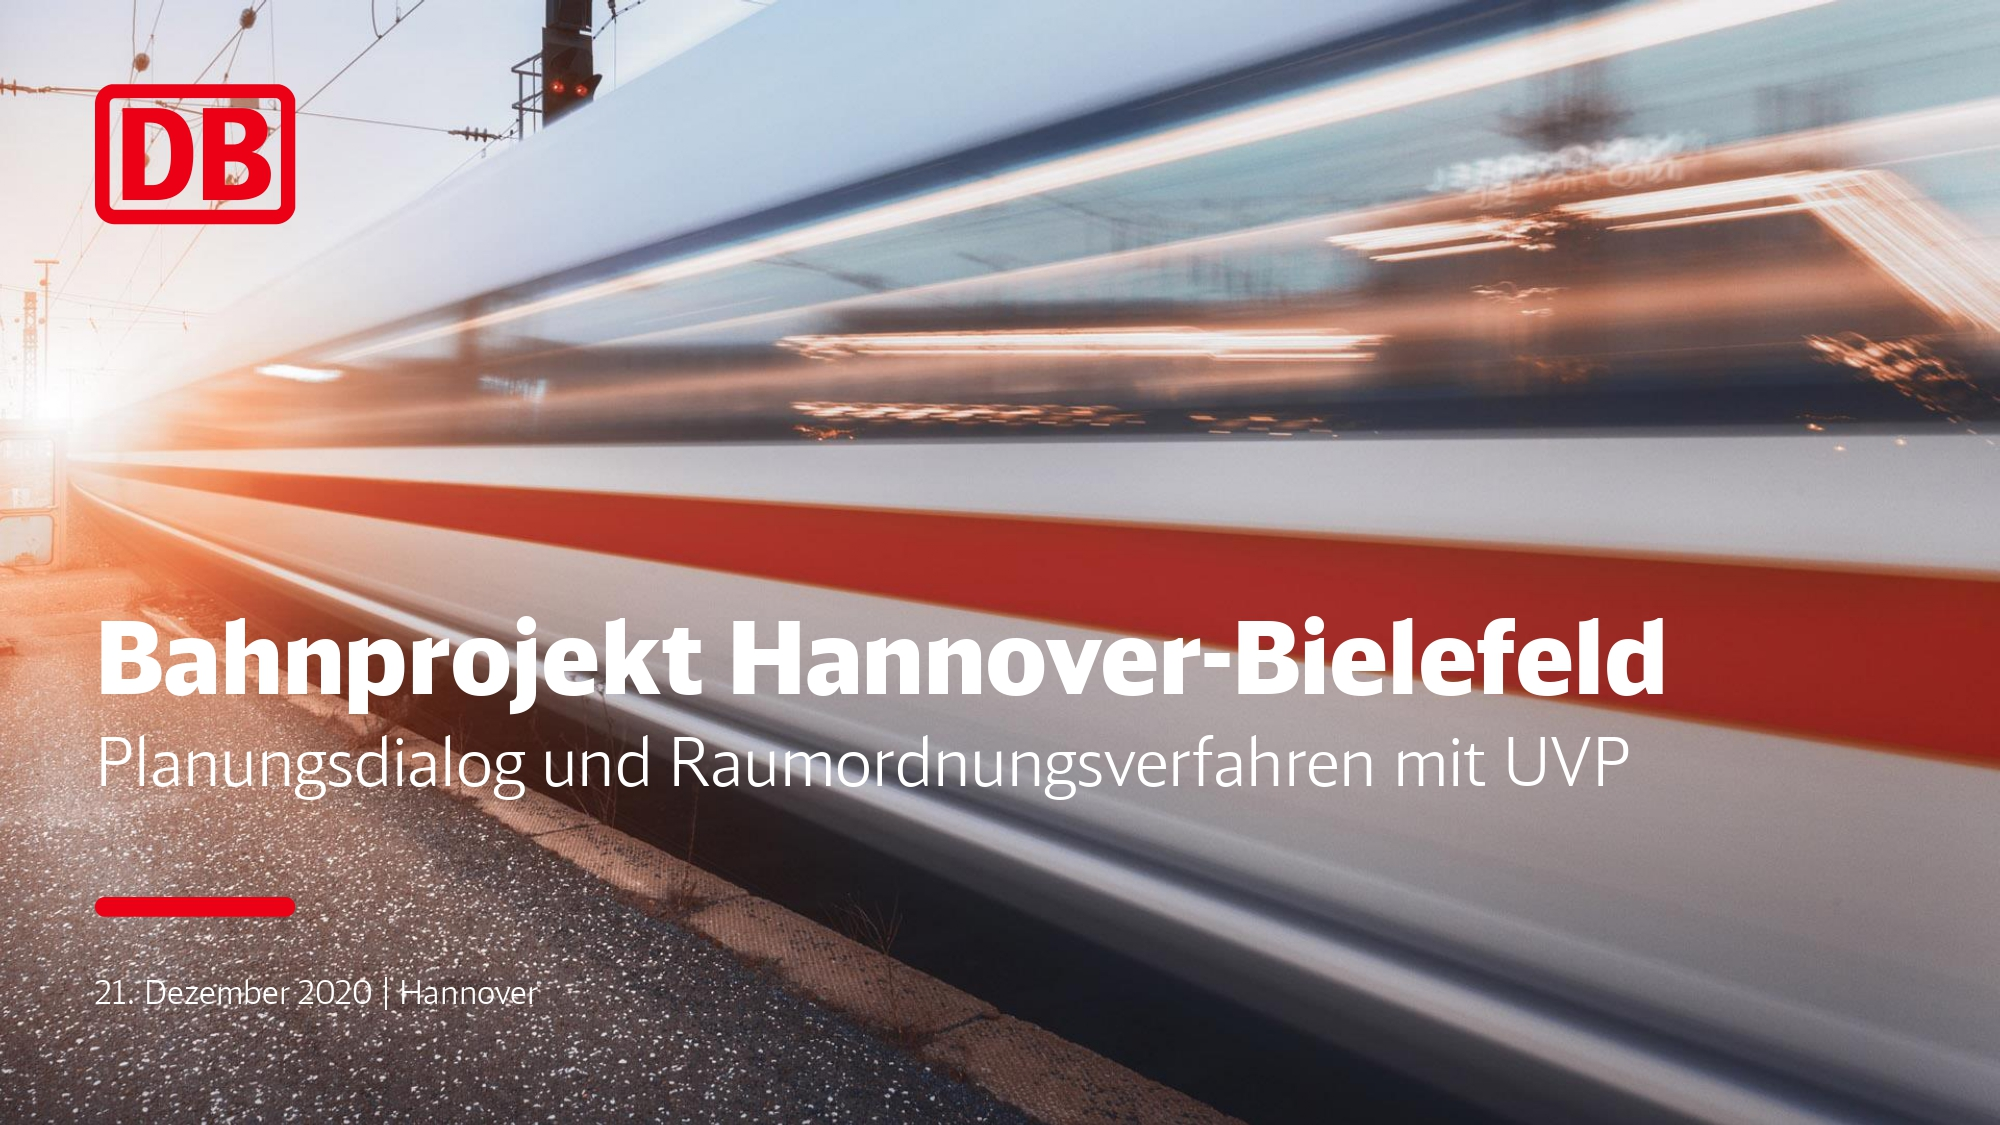 DB, Planungsdialog und Raumordnungsverfahren mit UVP - 21.12.2020